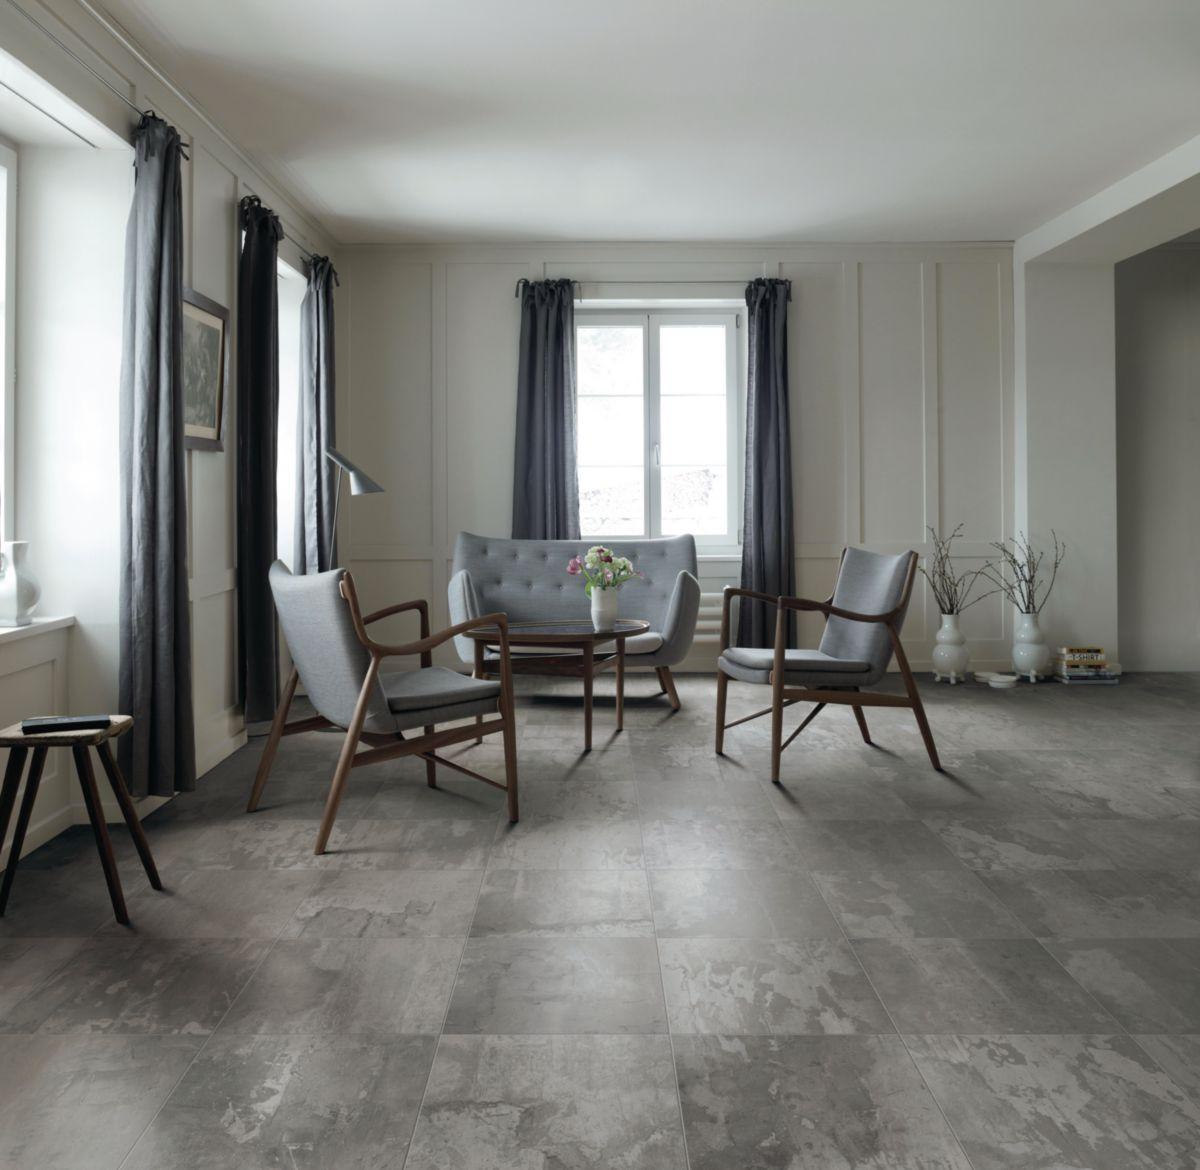 Carrelage Sol Grès Cérame Ghost Raw Grey Naturel 45x45 Cm Arte